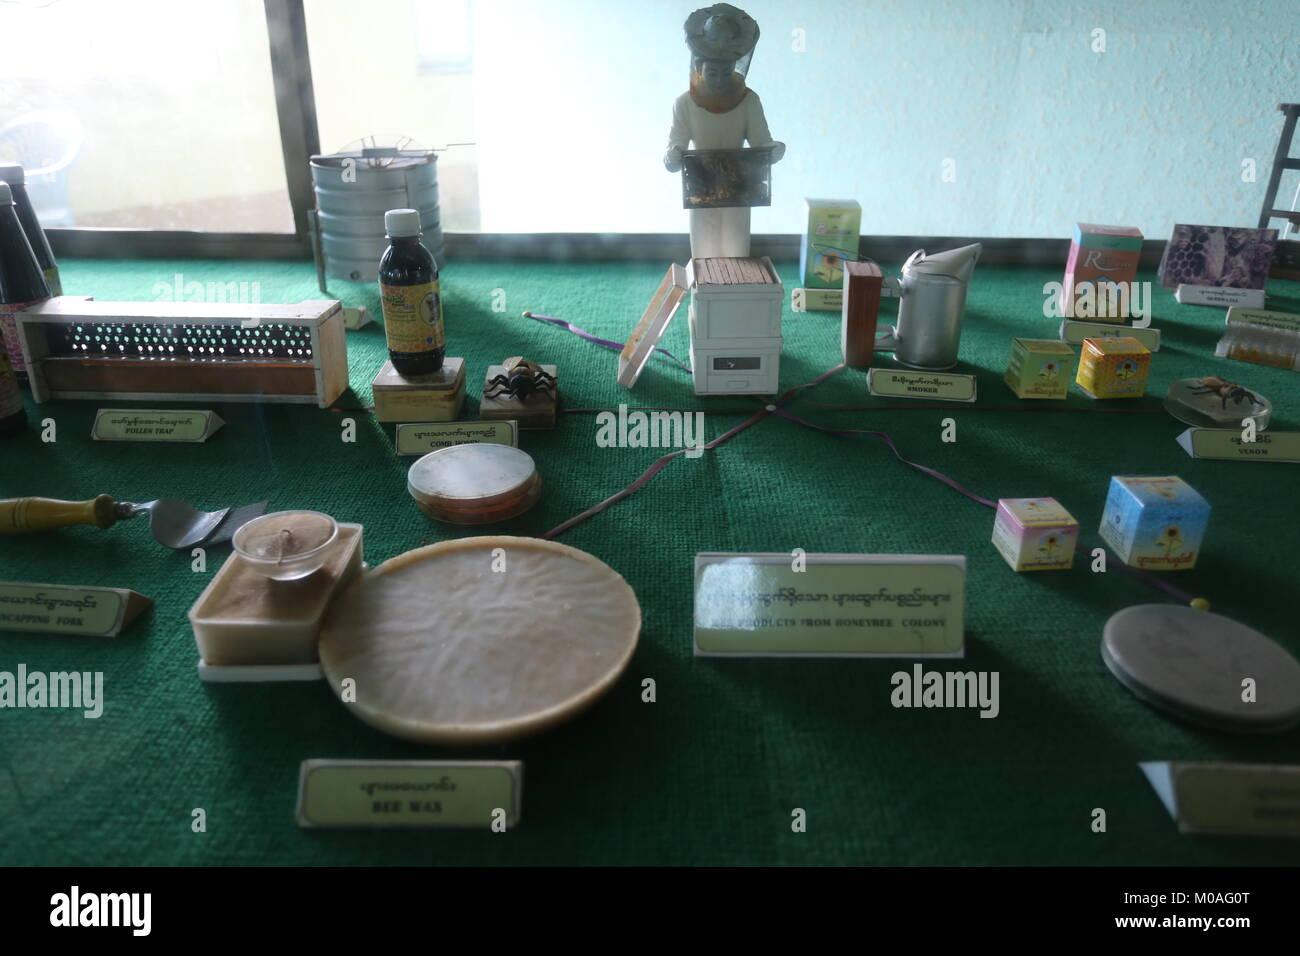 La eliminación de las drogas en el Museo en Yangon está llena de muestra para advertir de los peligros y riesgos de la adicción a las drogas. Foto de stock